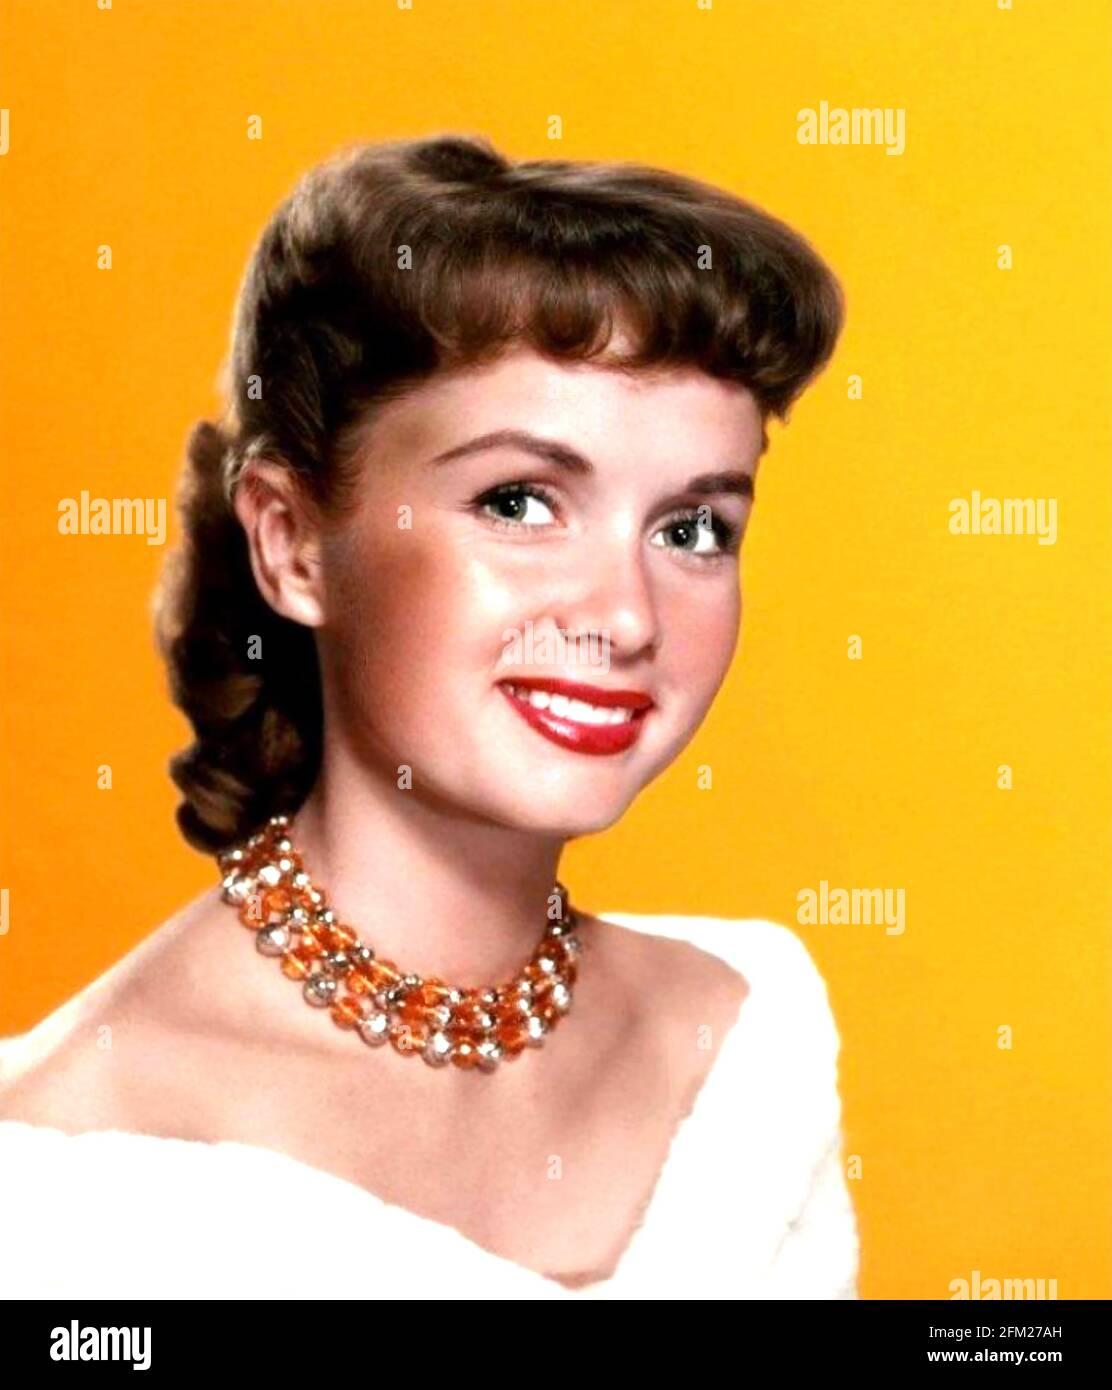 DEBBIE REYNOLDS (1932-2016) actrice et chanteuse américaine vers 1955 Banque D'Images